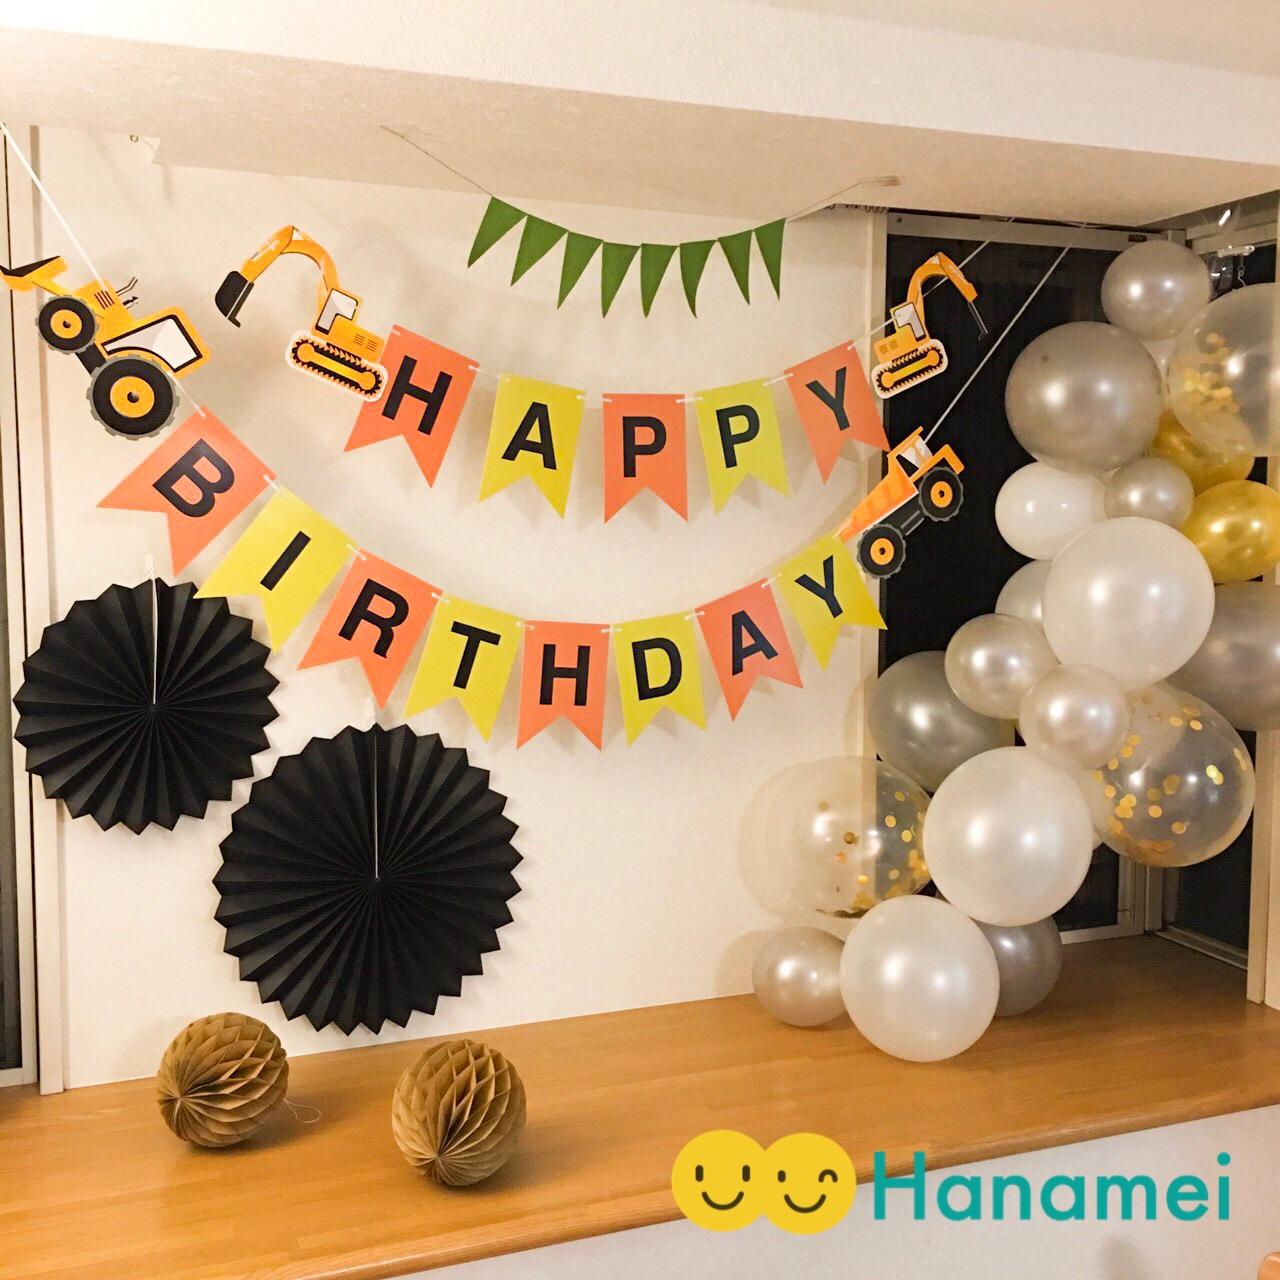 Hanameiスタッフのデコレーションをご紹介!